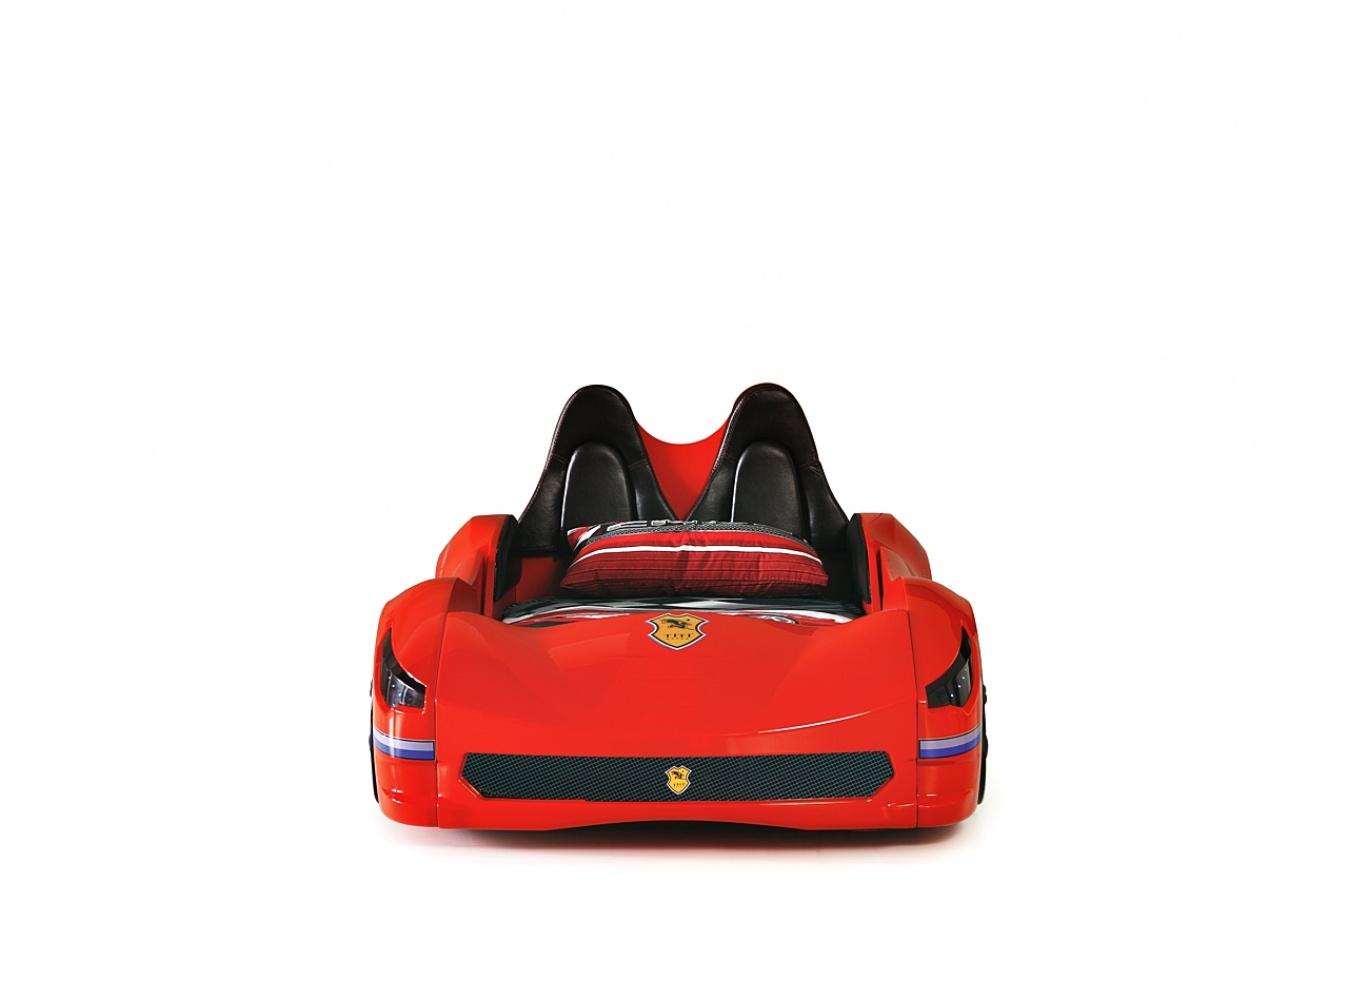 Autobett Cabrio mit Sportsitzen und Türen